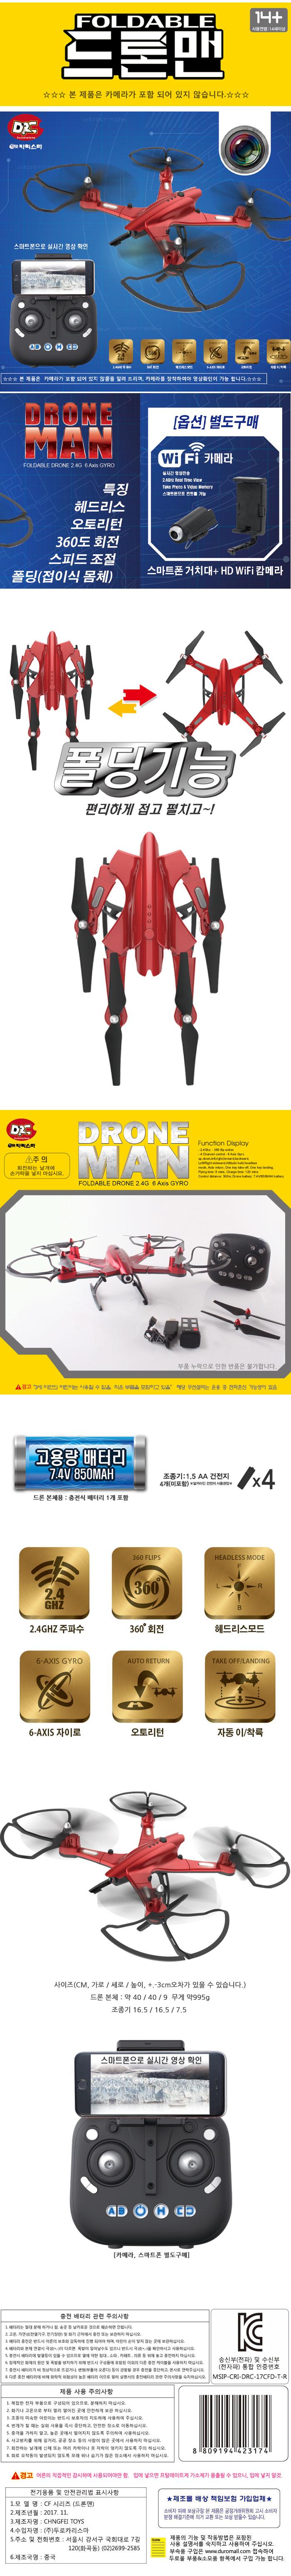 [두로카리스마] 하비 드론맨(DRONEMAN) /폴딩드론 - 토이비젼, 129,000원, R/C 드론/쿼드콥터, 드론